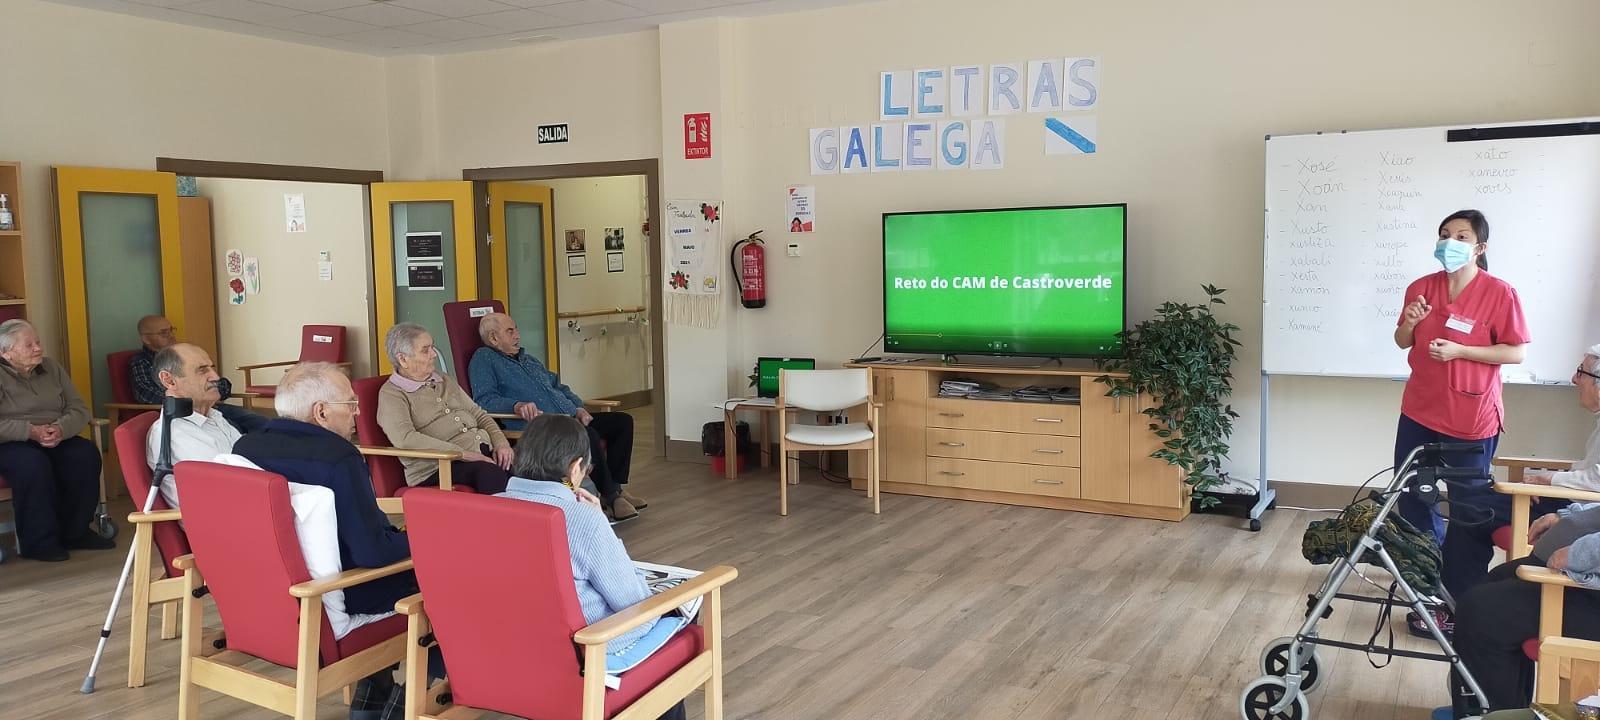 Os Centros de Maiores da Deputación celebran o Día das Letras Galegas homenaxeando a Xela Arias